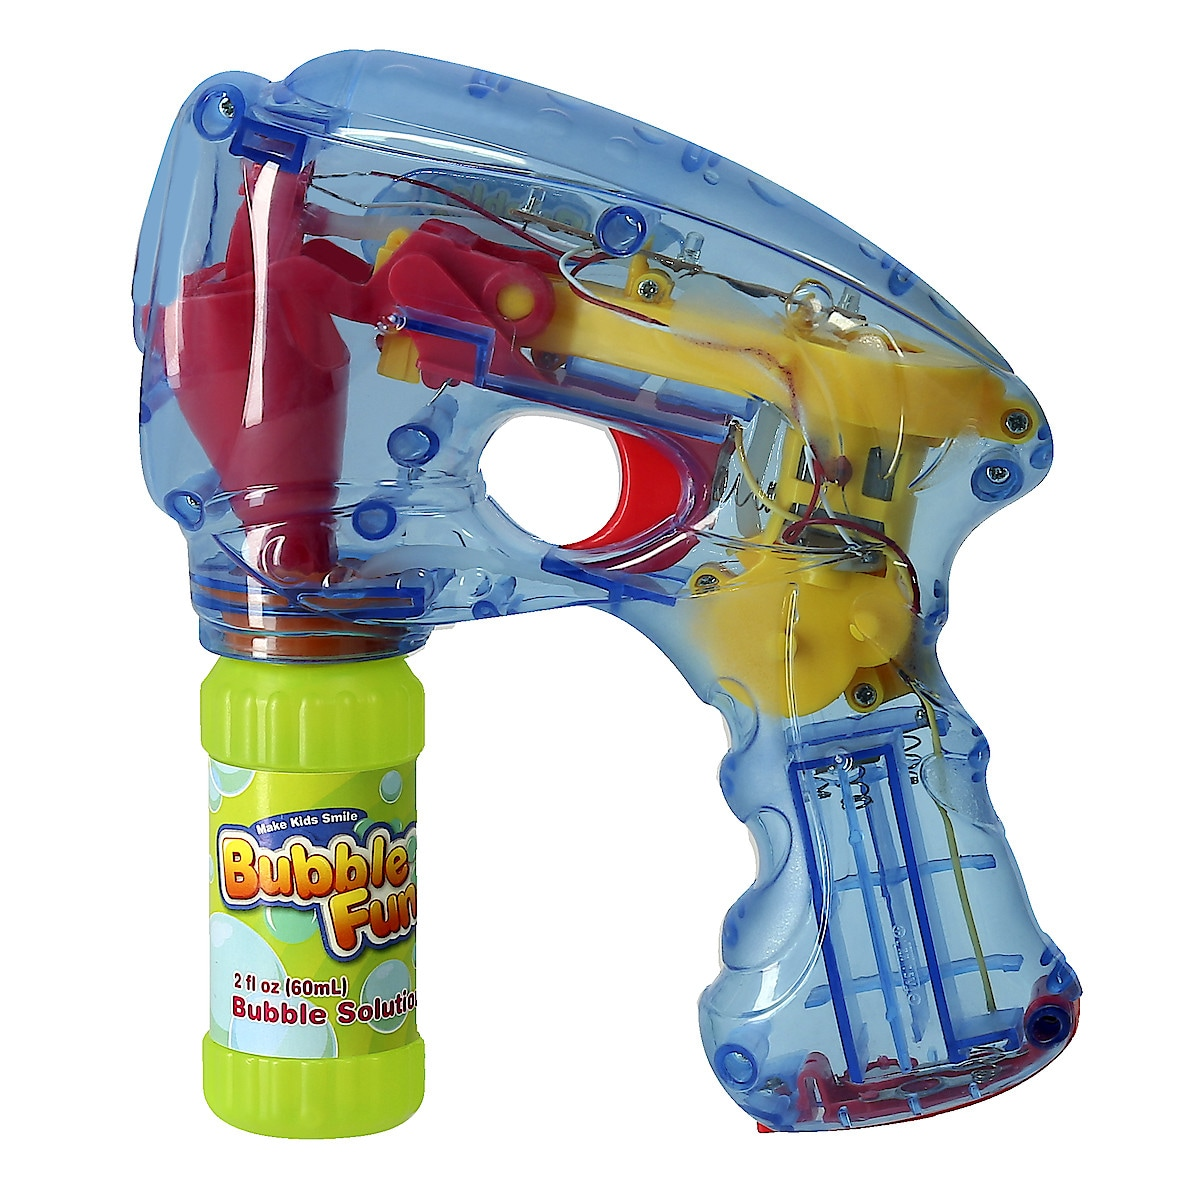 Såpeboblepistol